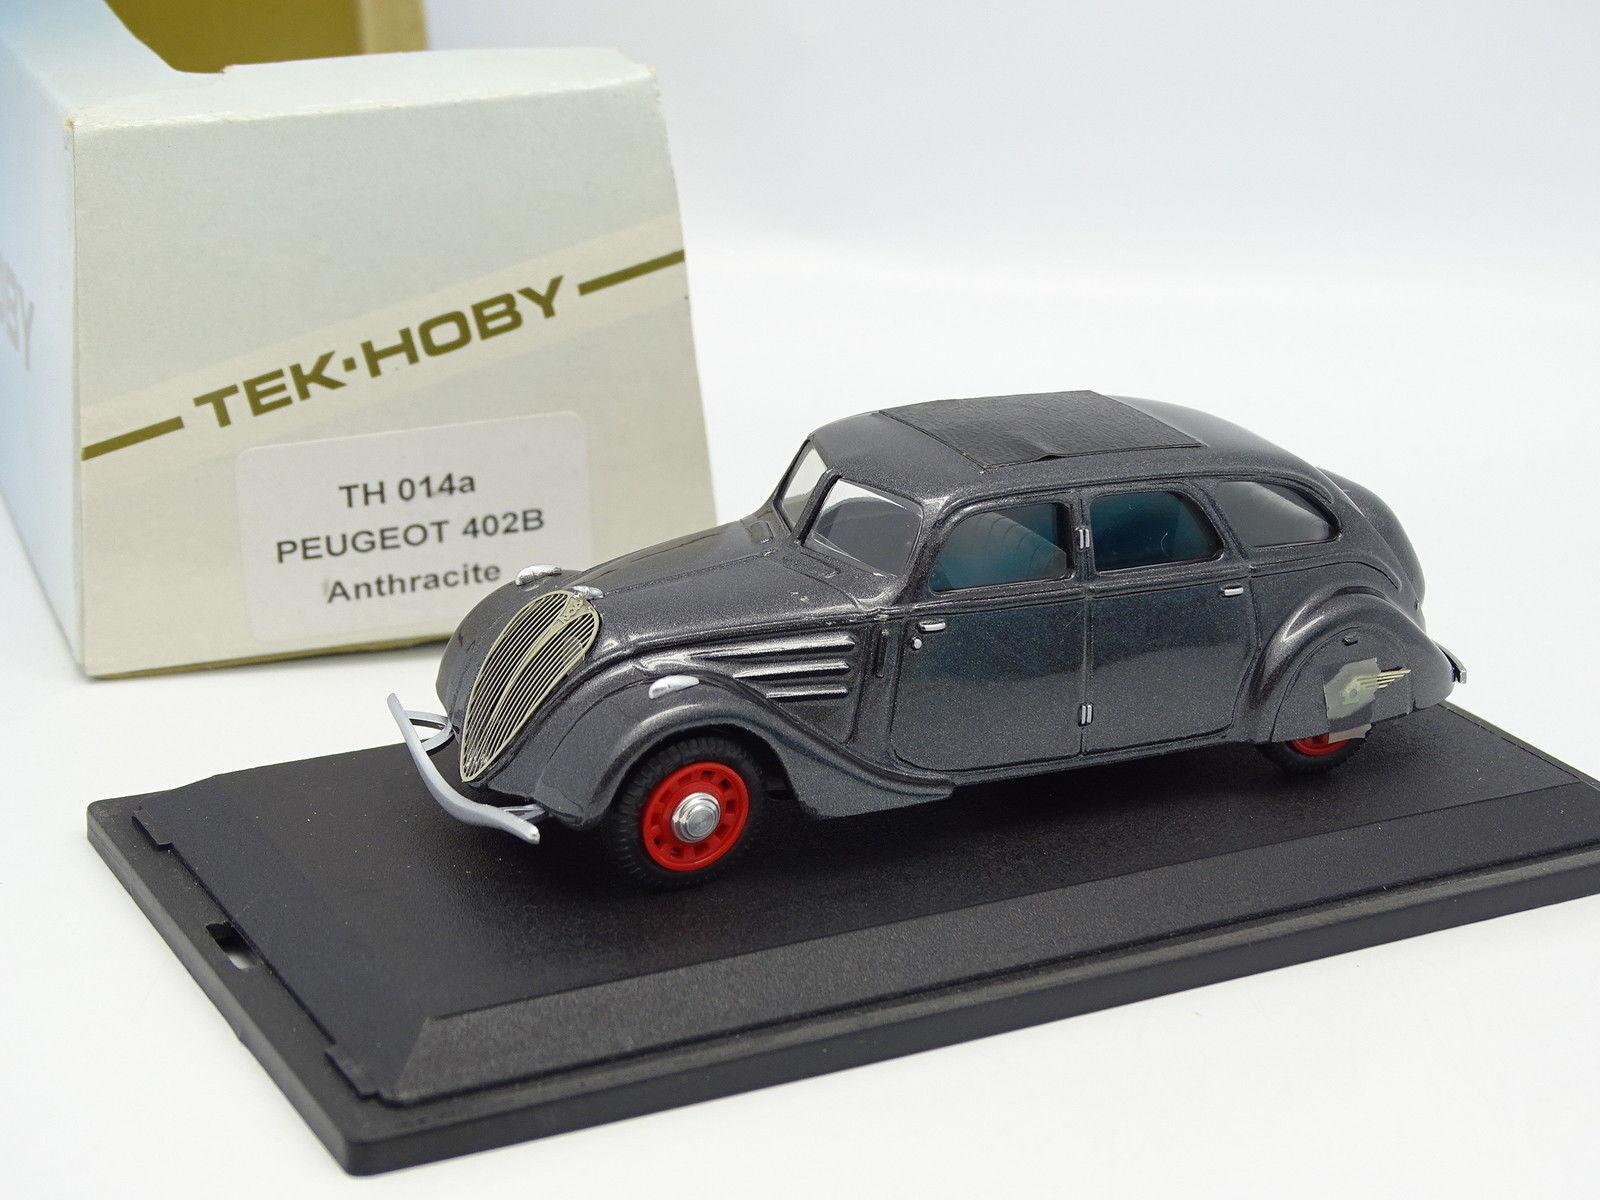 Tek Hoby Resin 1 43 - Peugeot 402 B Anthracite